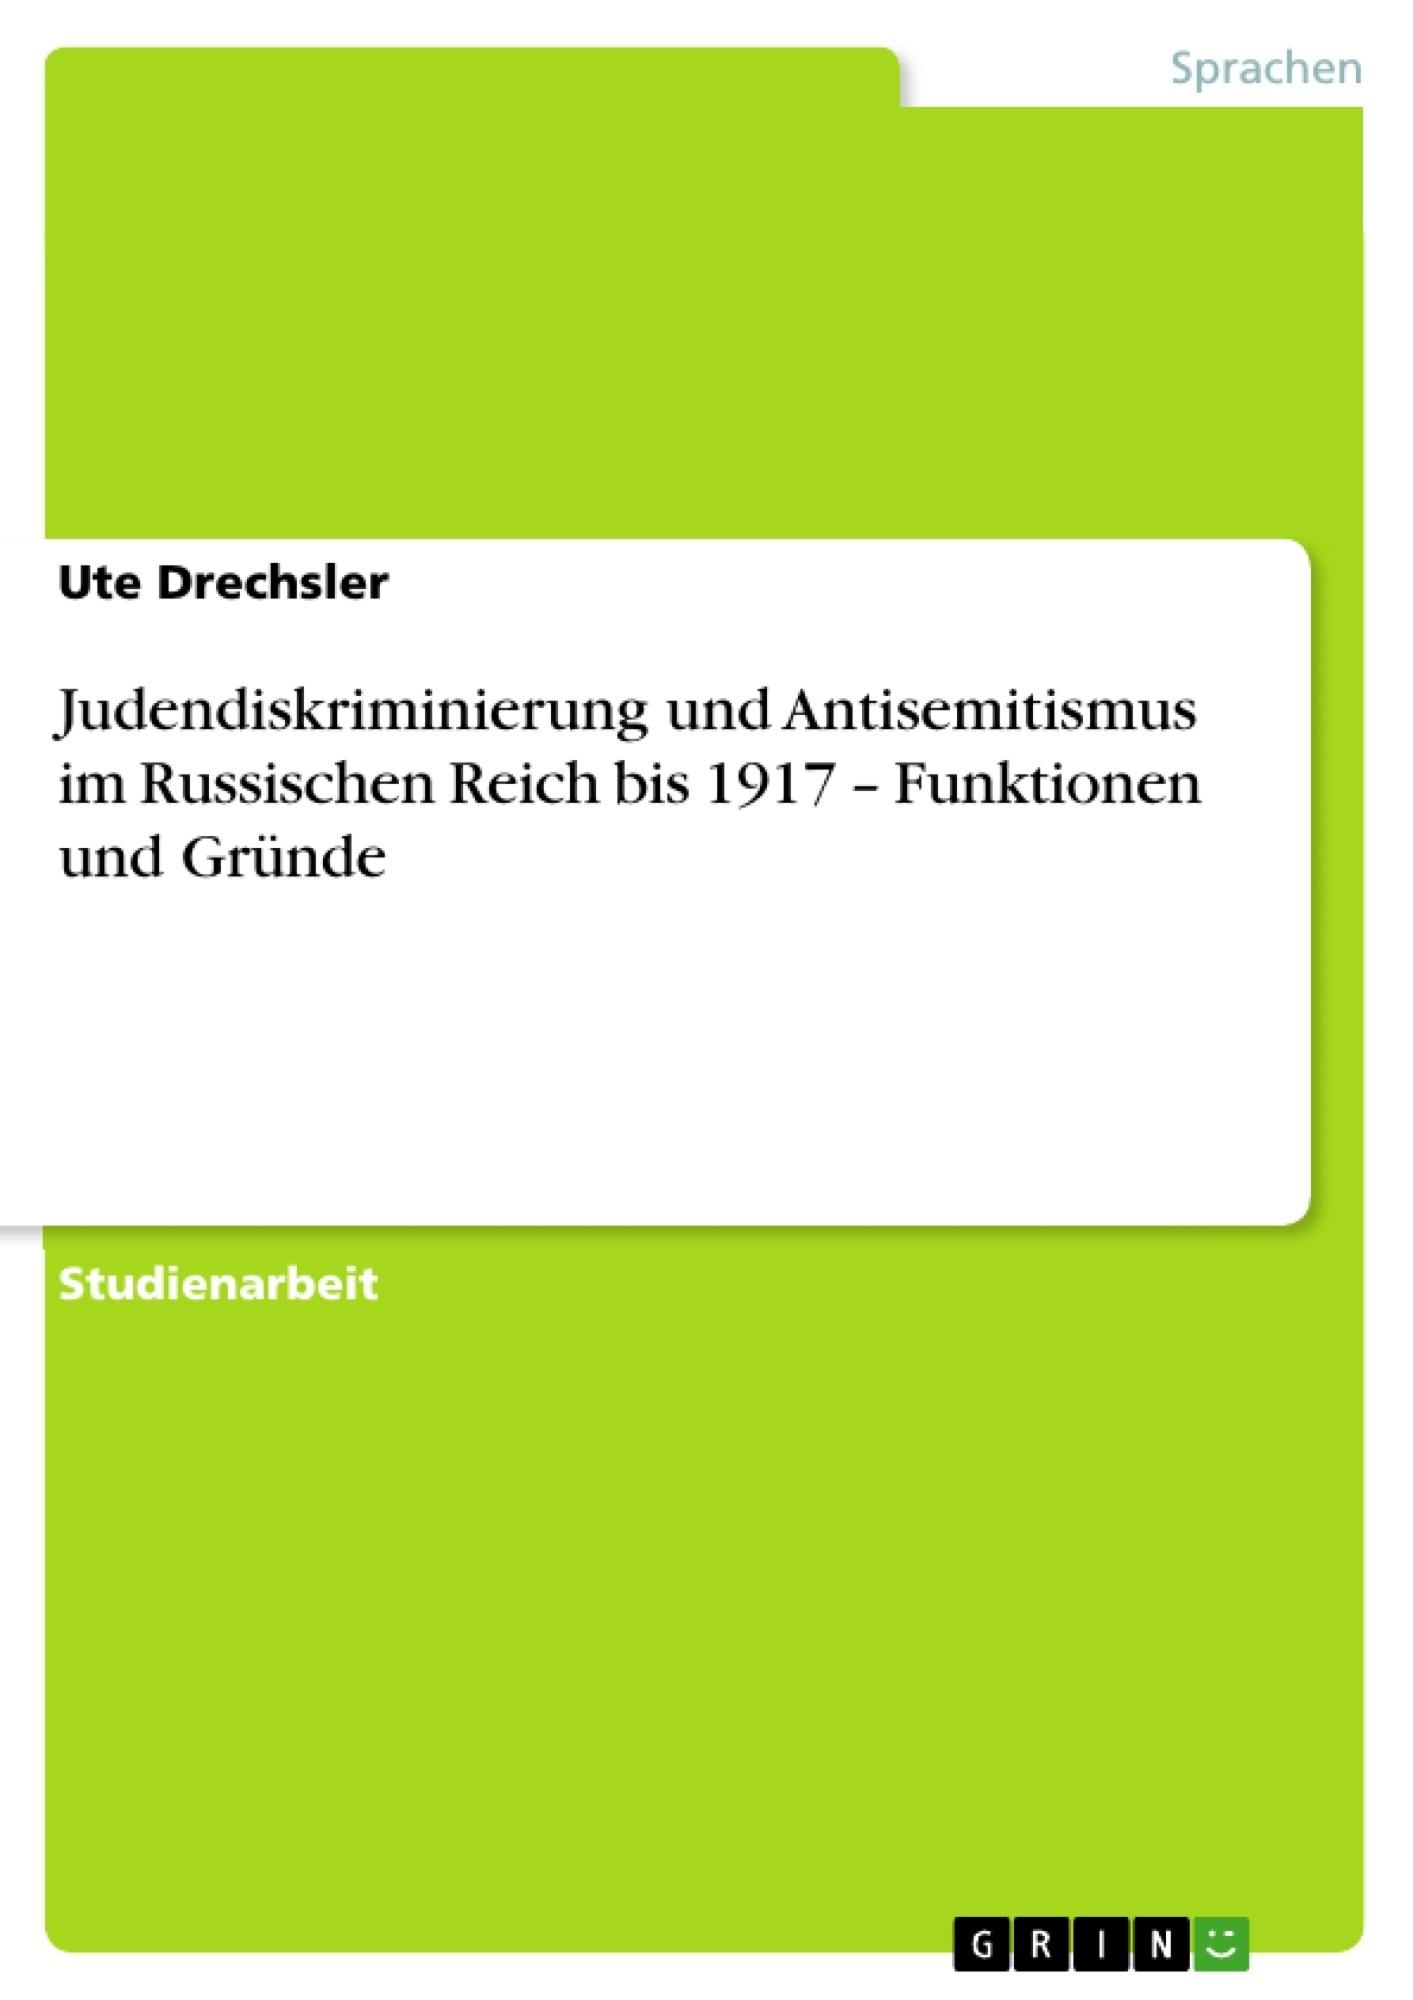 Titel: Judendiskriminierung und Antisemitismus im Russischen Reich bis 1917 – Funktionen und Gründe